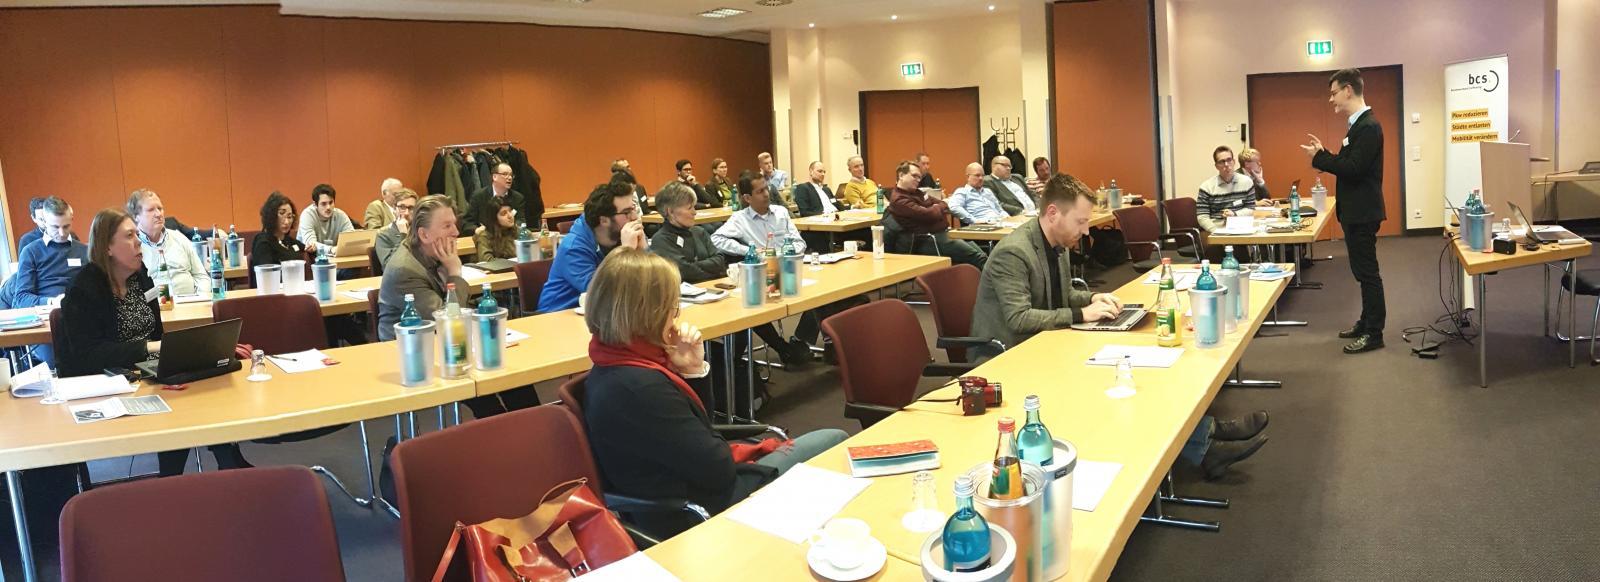 Auf dem gut besuchten Workshop diskutieren Experten Studienergebnisse zum CarSharing (Bild: bcs)